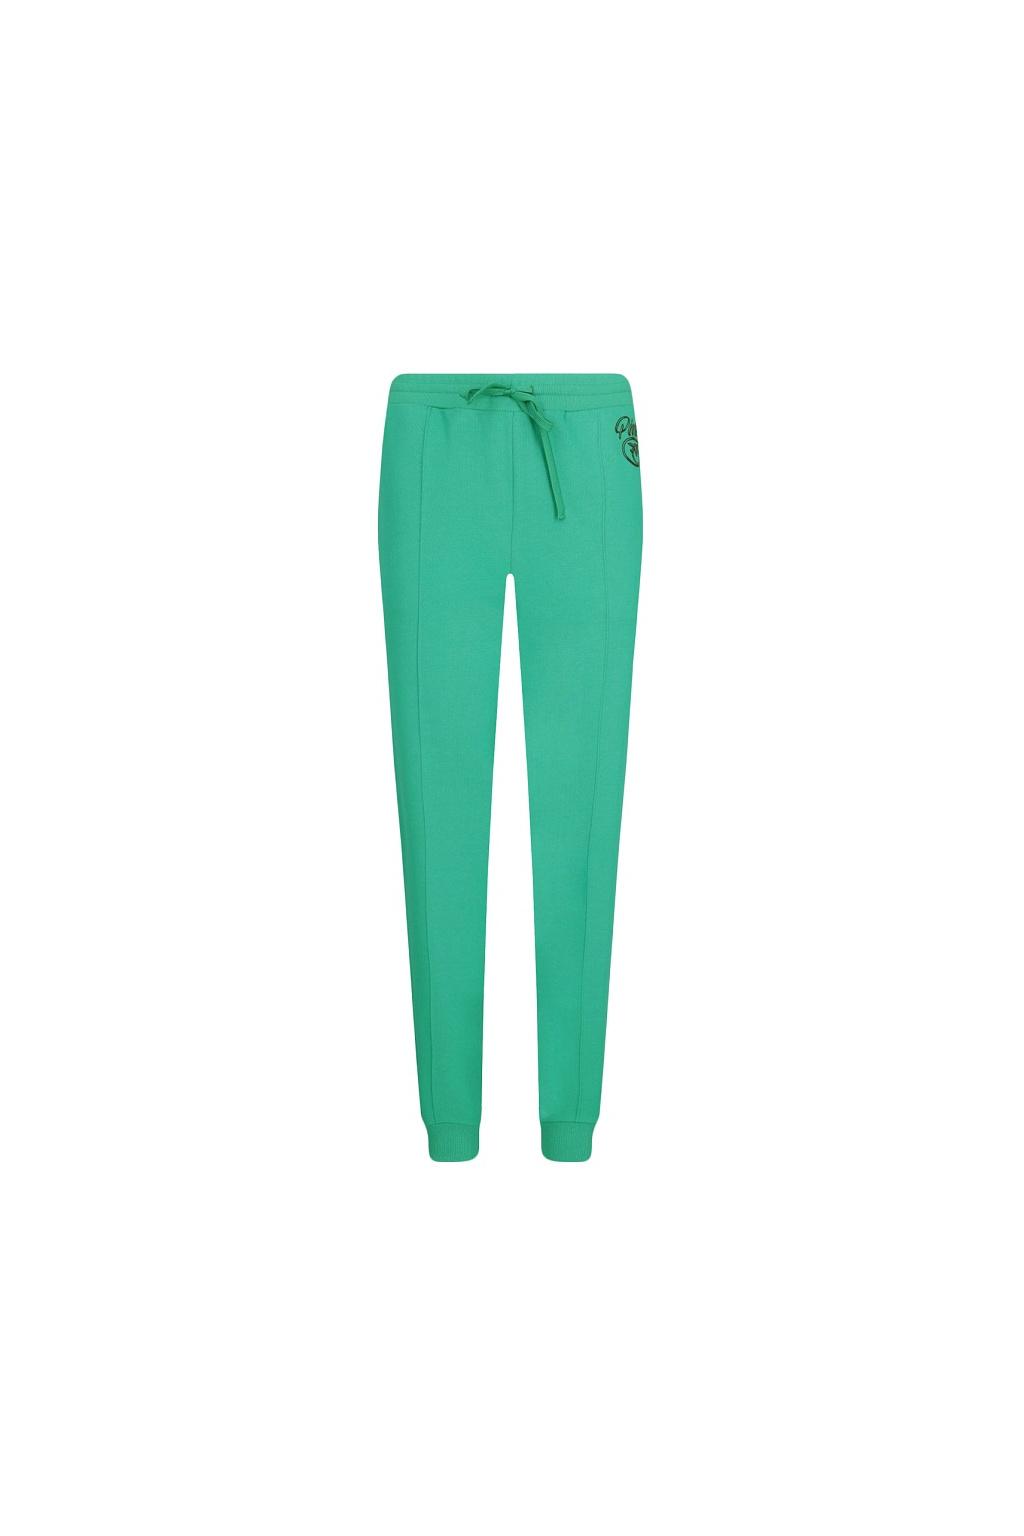 1N12XZ Y75F XA2 Dámské kalhoty Pinko Bugs zelené